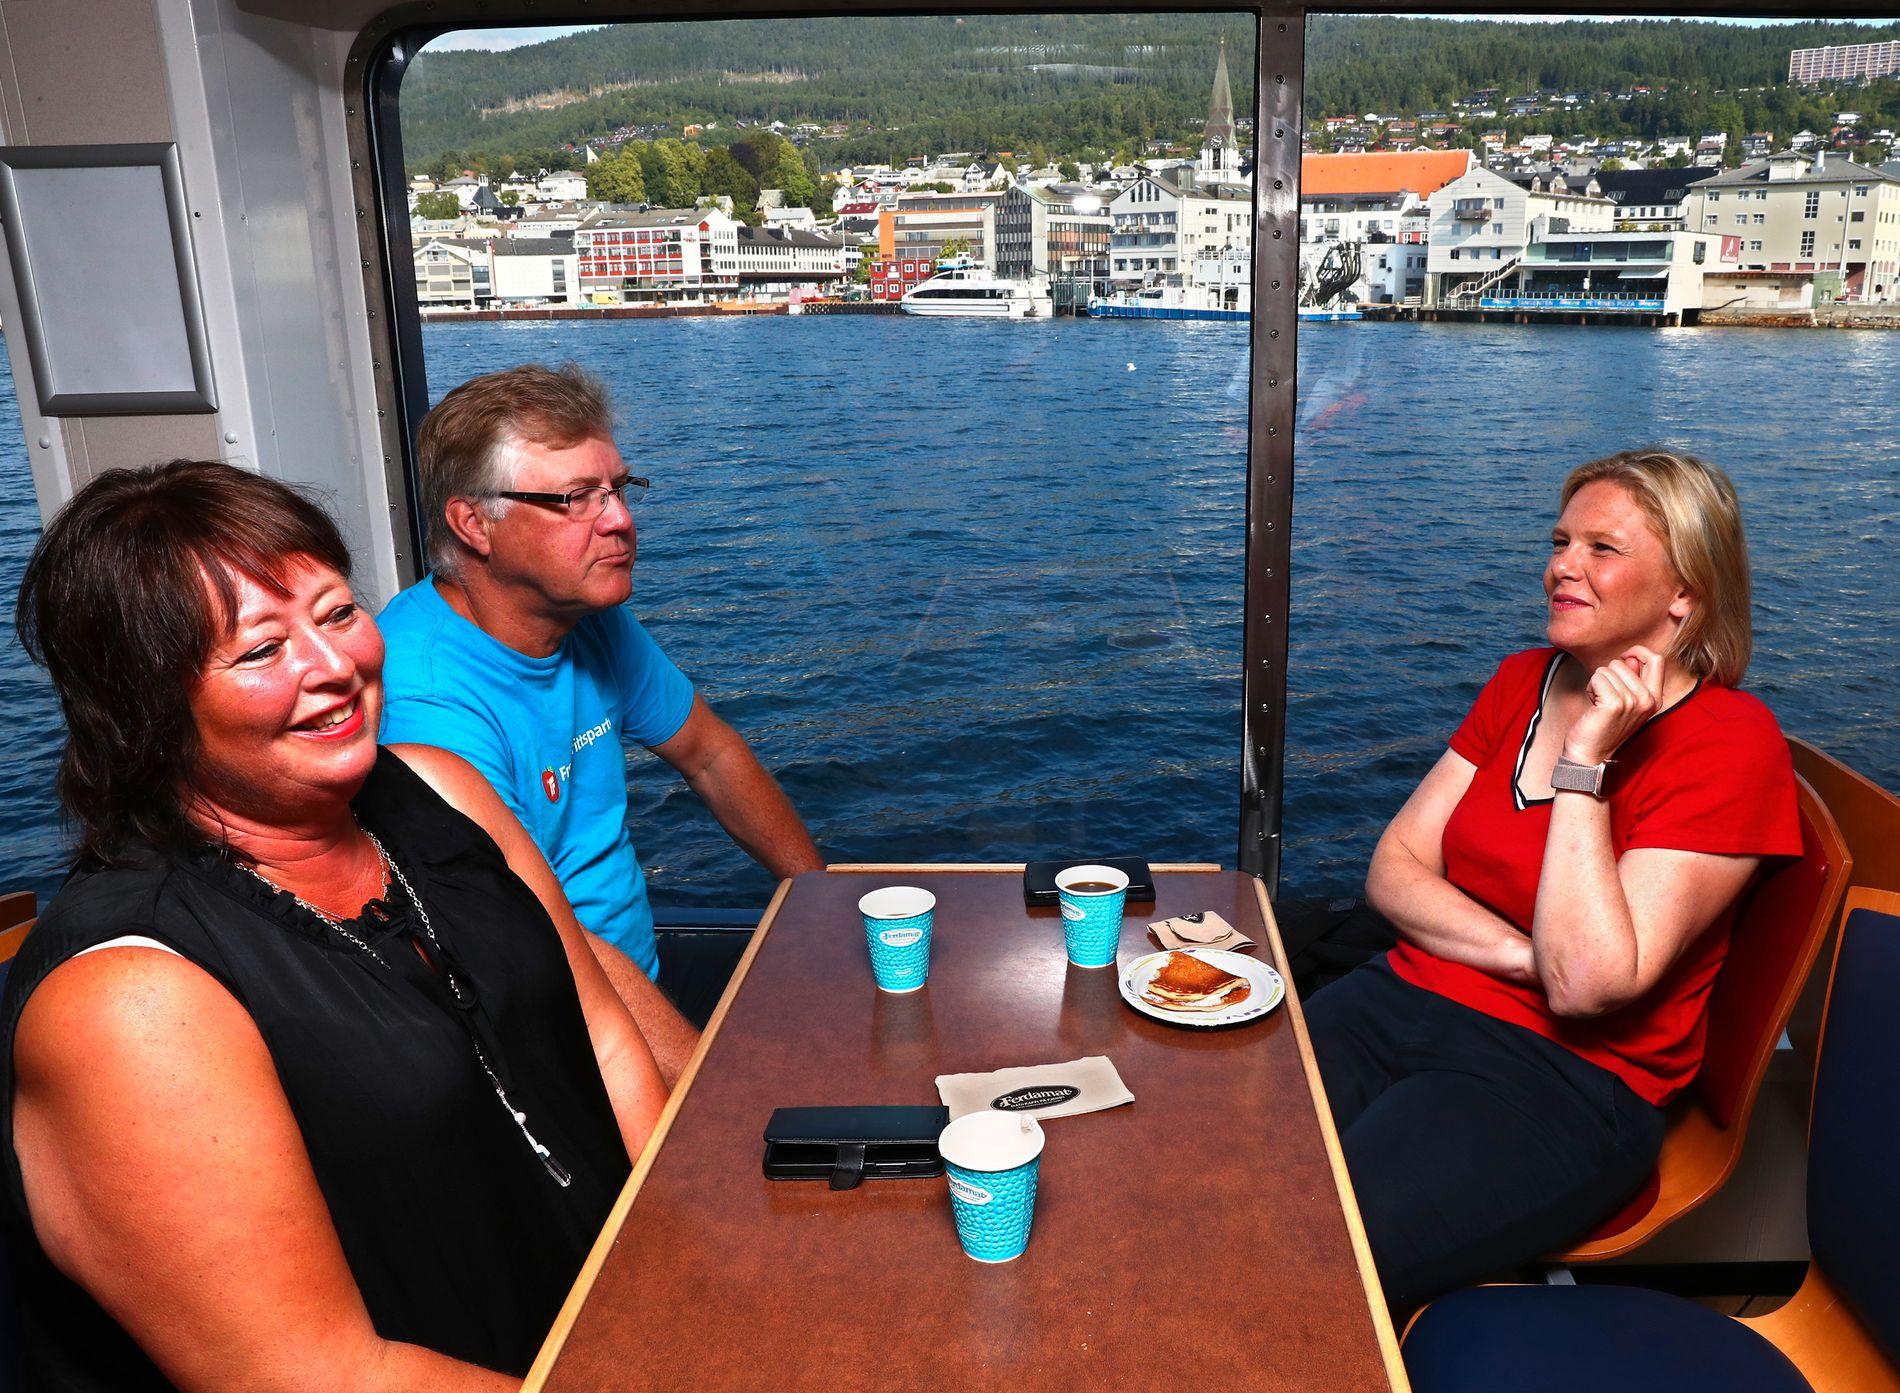 FELLES FRONT: Geir Stenseth og Anne Marie Fiksdal, 2.-kandidat og 3.-kandidat til fylkestinget i Møre og Romsdal, sammen med Frp-nestleder Sylvi Listhaug.